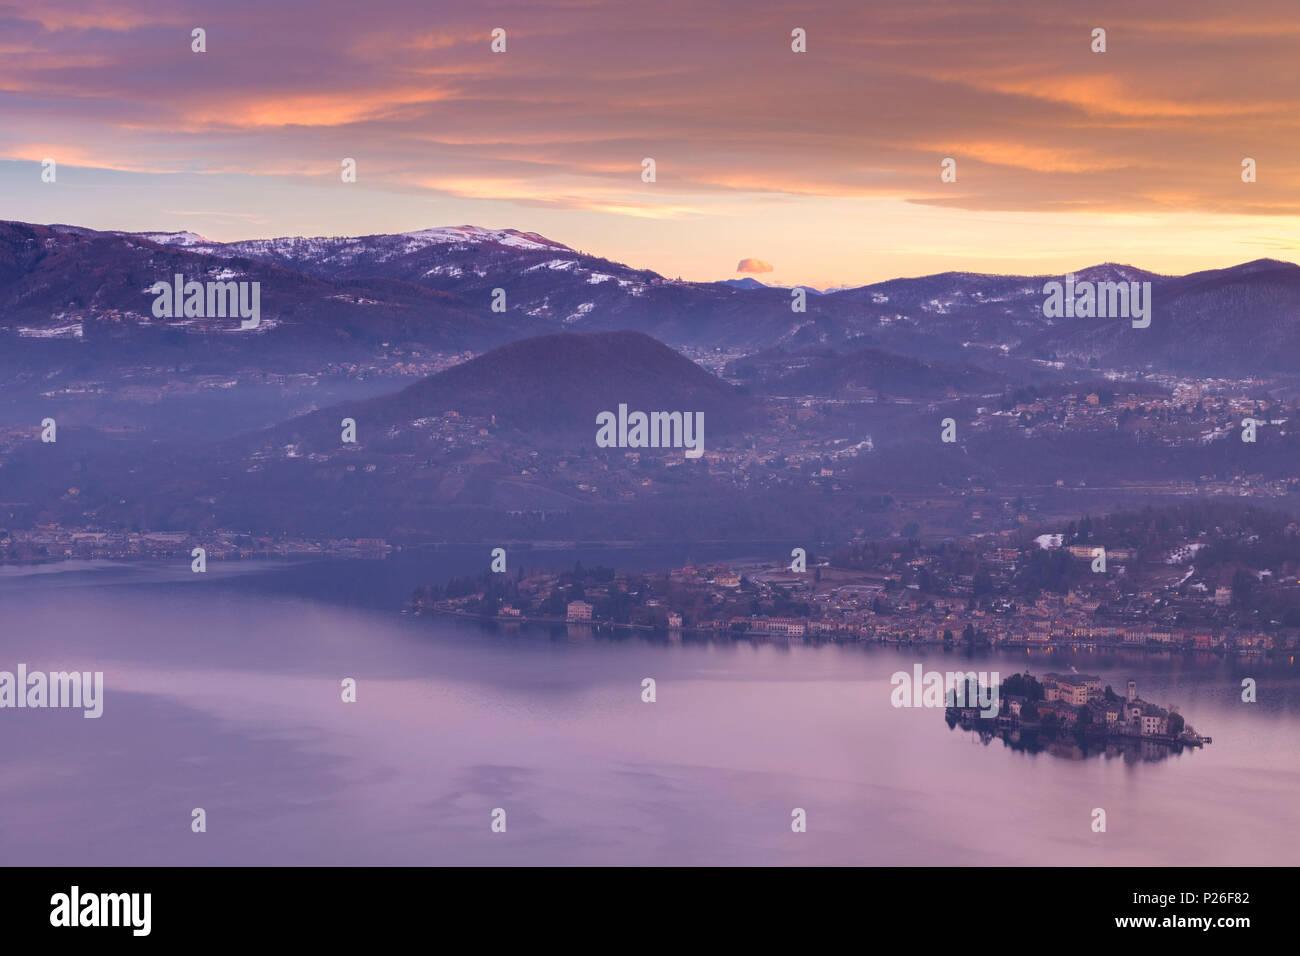 Amanecer de invierno en la isla de San Giulio en Lago d'Orta, desde el santuario de la Madonna del Sasso en el boleto, lago Orta, provincia de Novara, Piamonte, Italia Imagen De Stock